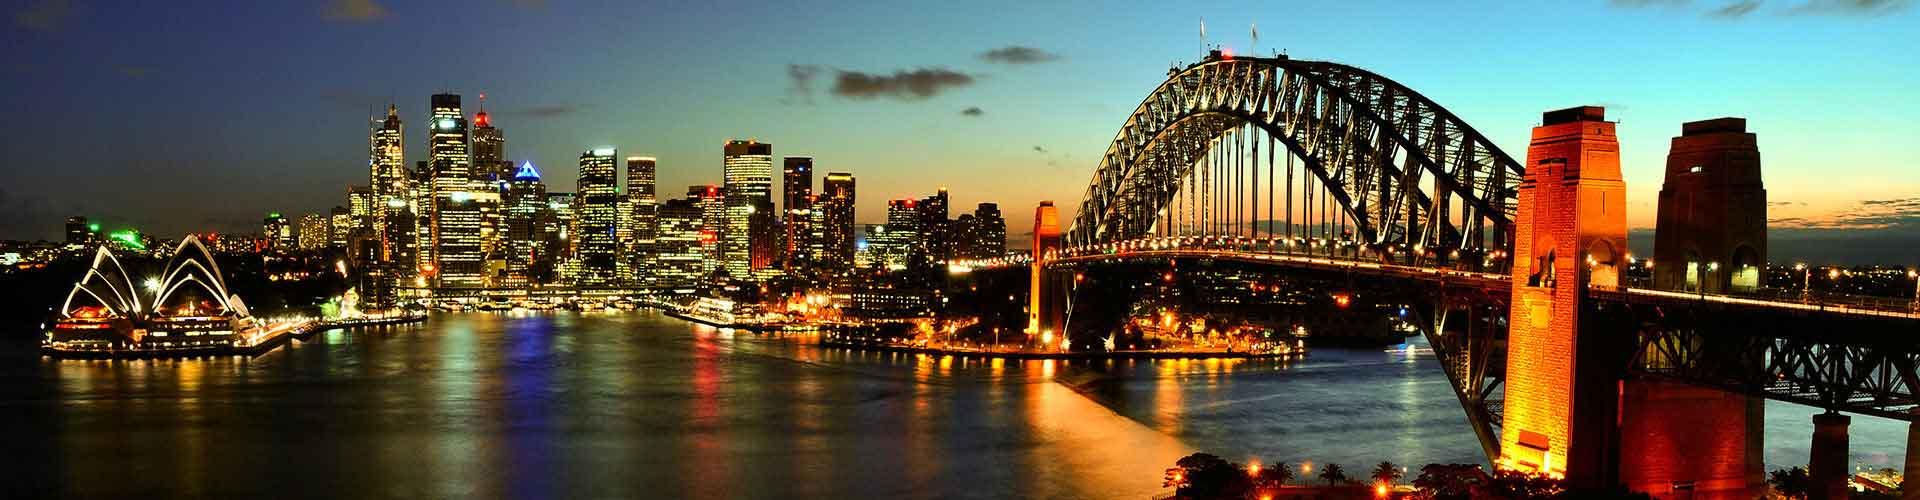 Sydney - Hotelek Kelet Sydney városrészen. Sydney térképek, fotók, és ajánlások minden egyes Sydney hotelről.